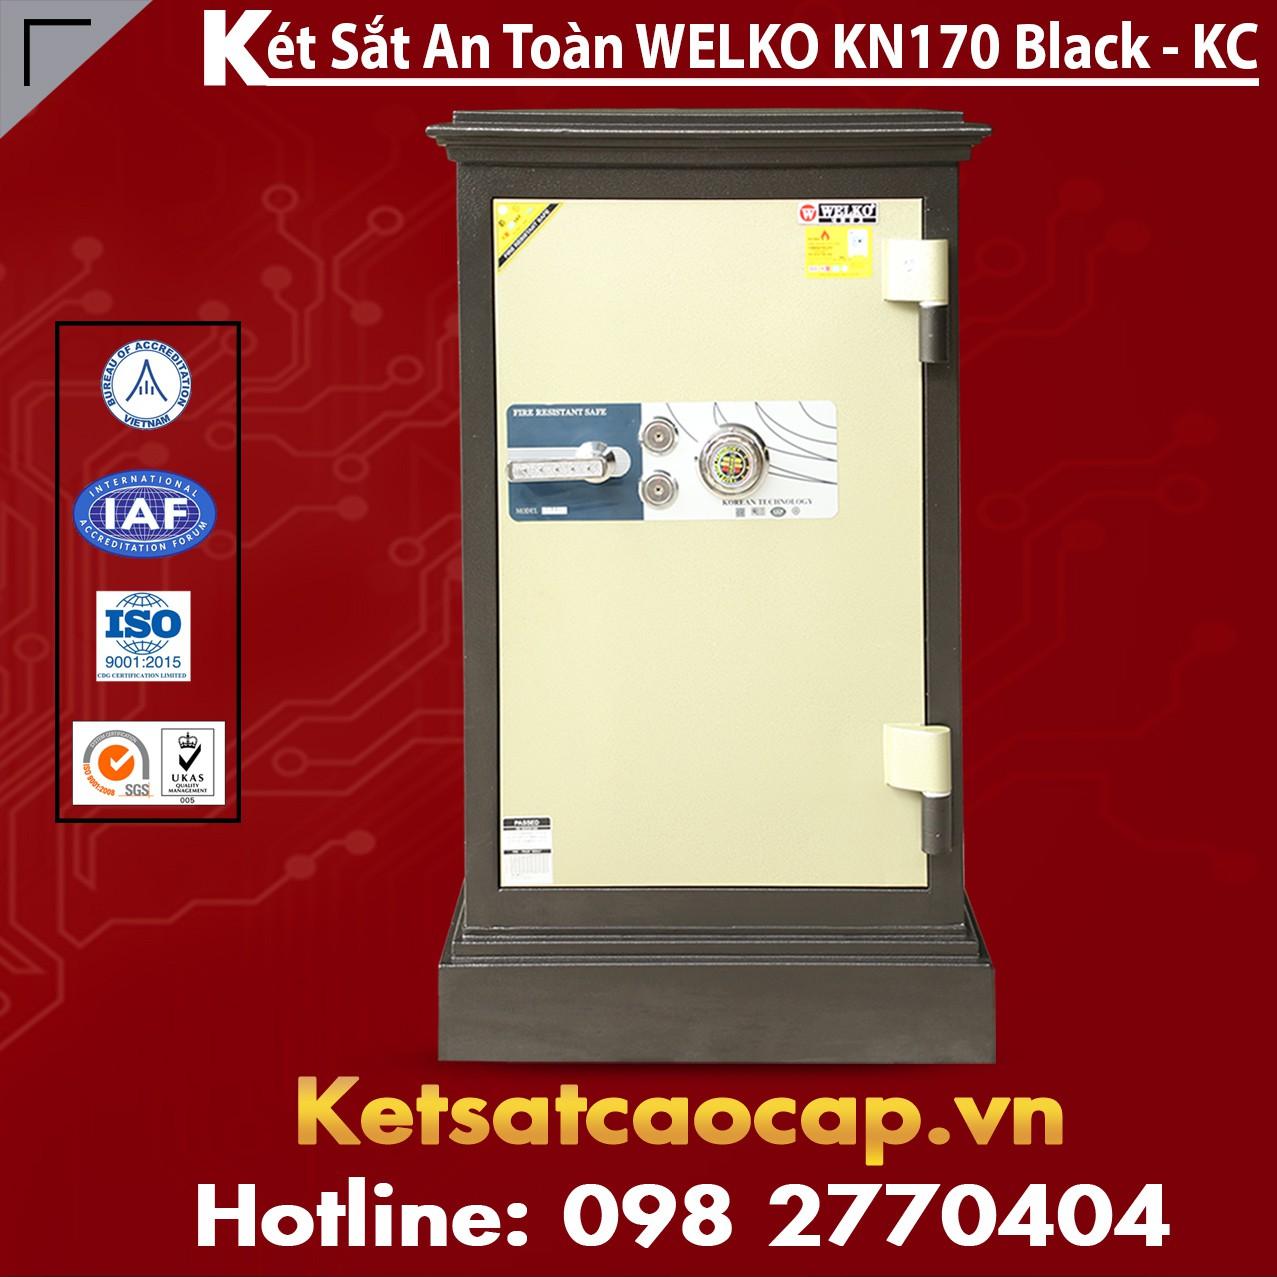 Két Sắt Khoá Cơ WELKO KN170 Black - KC